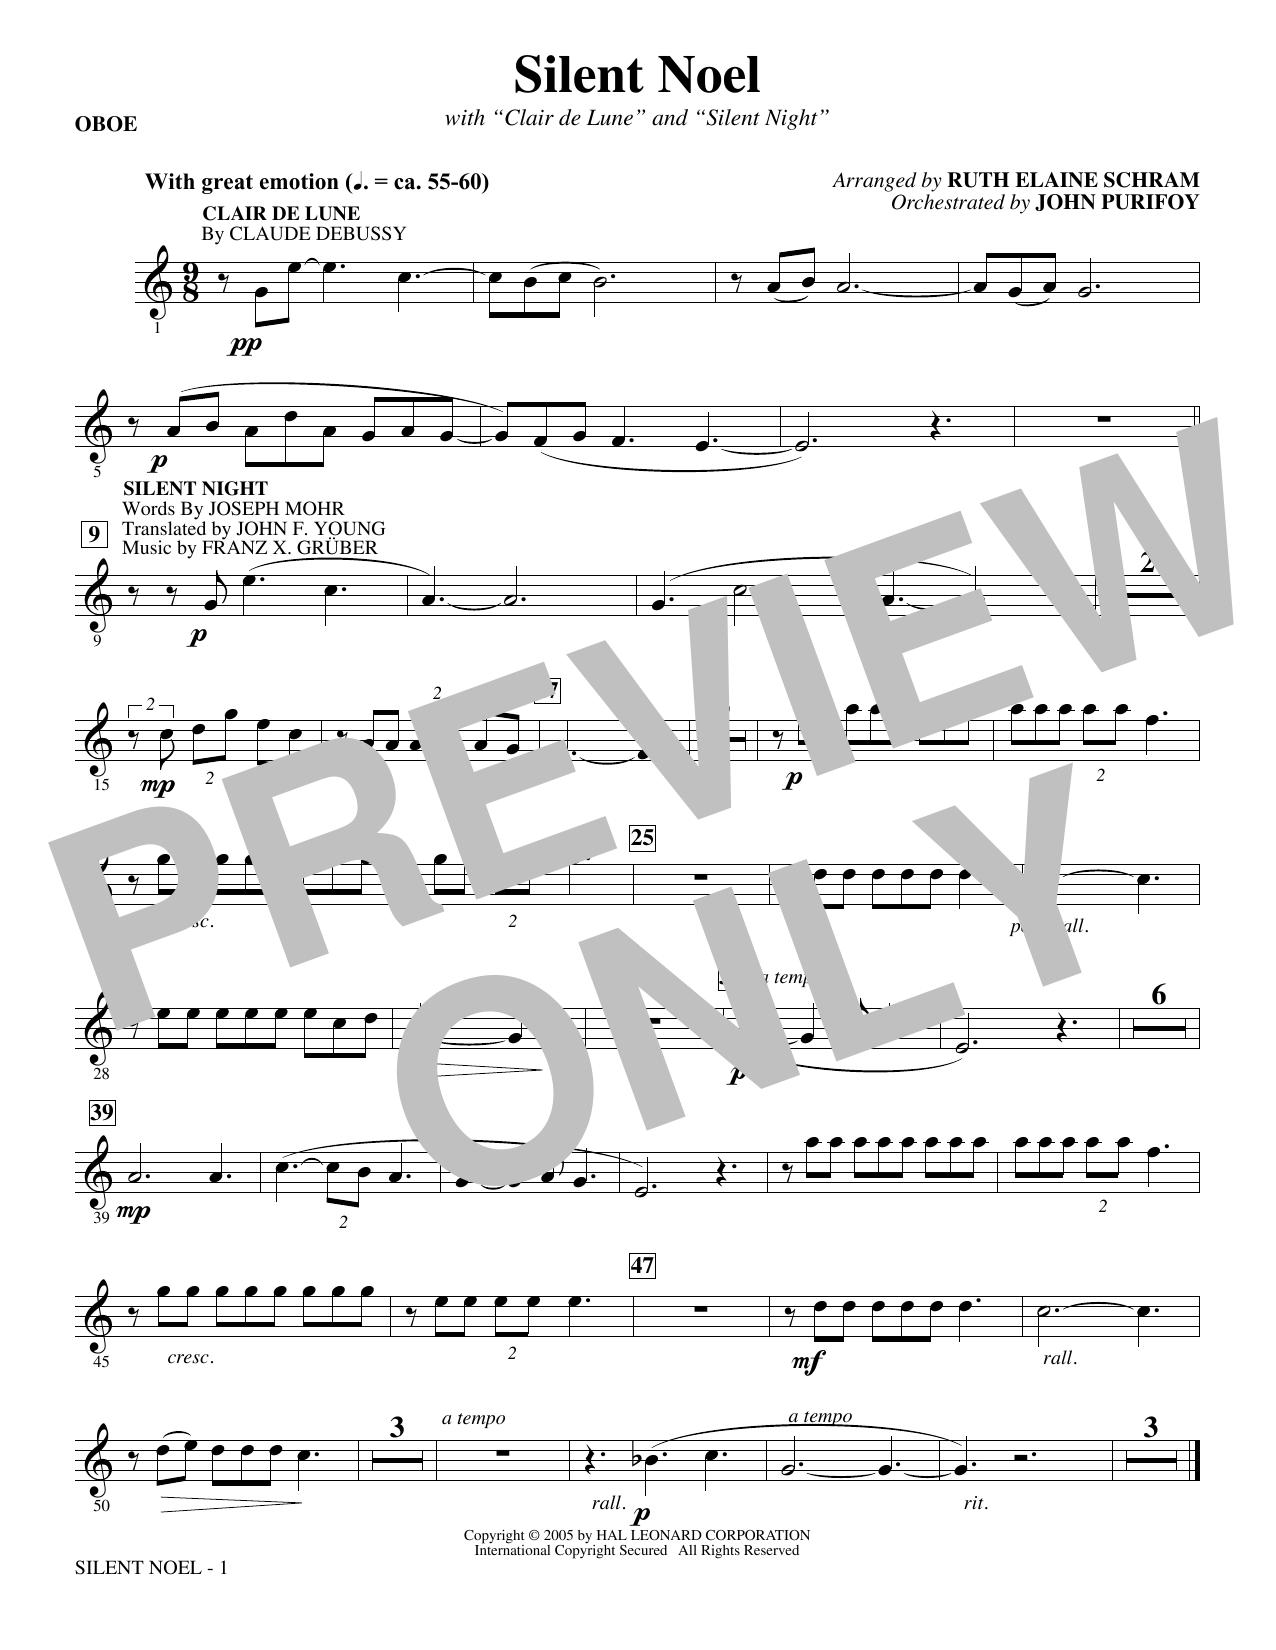 Silent Noel - Oboe Sheet Music